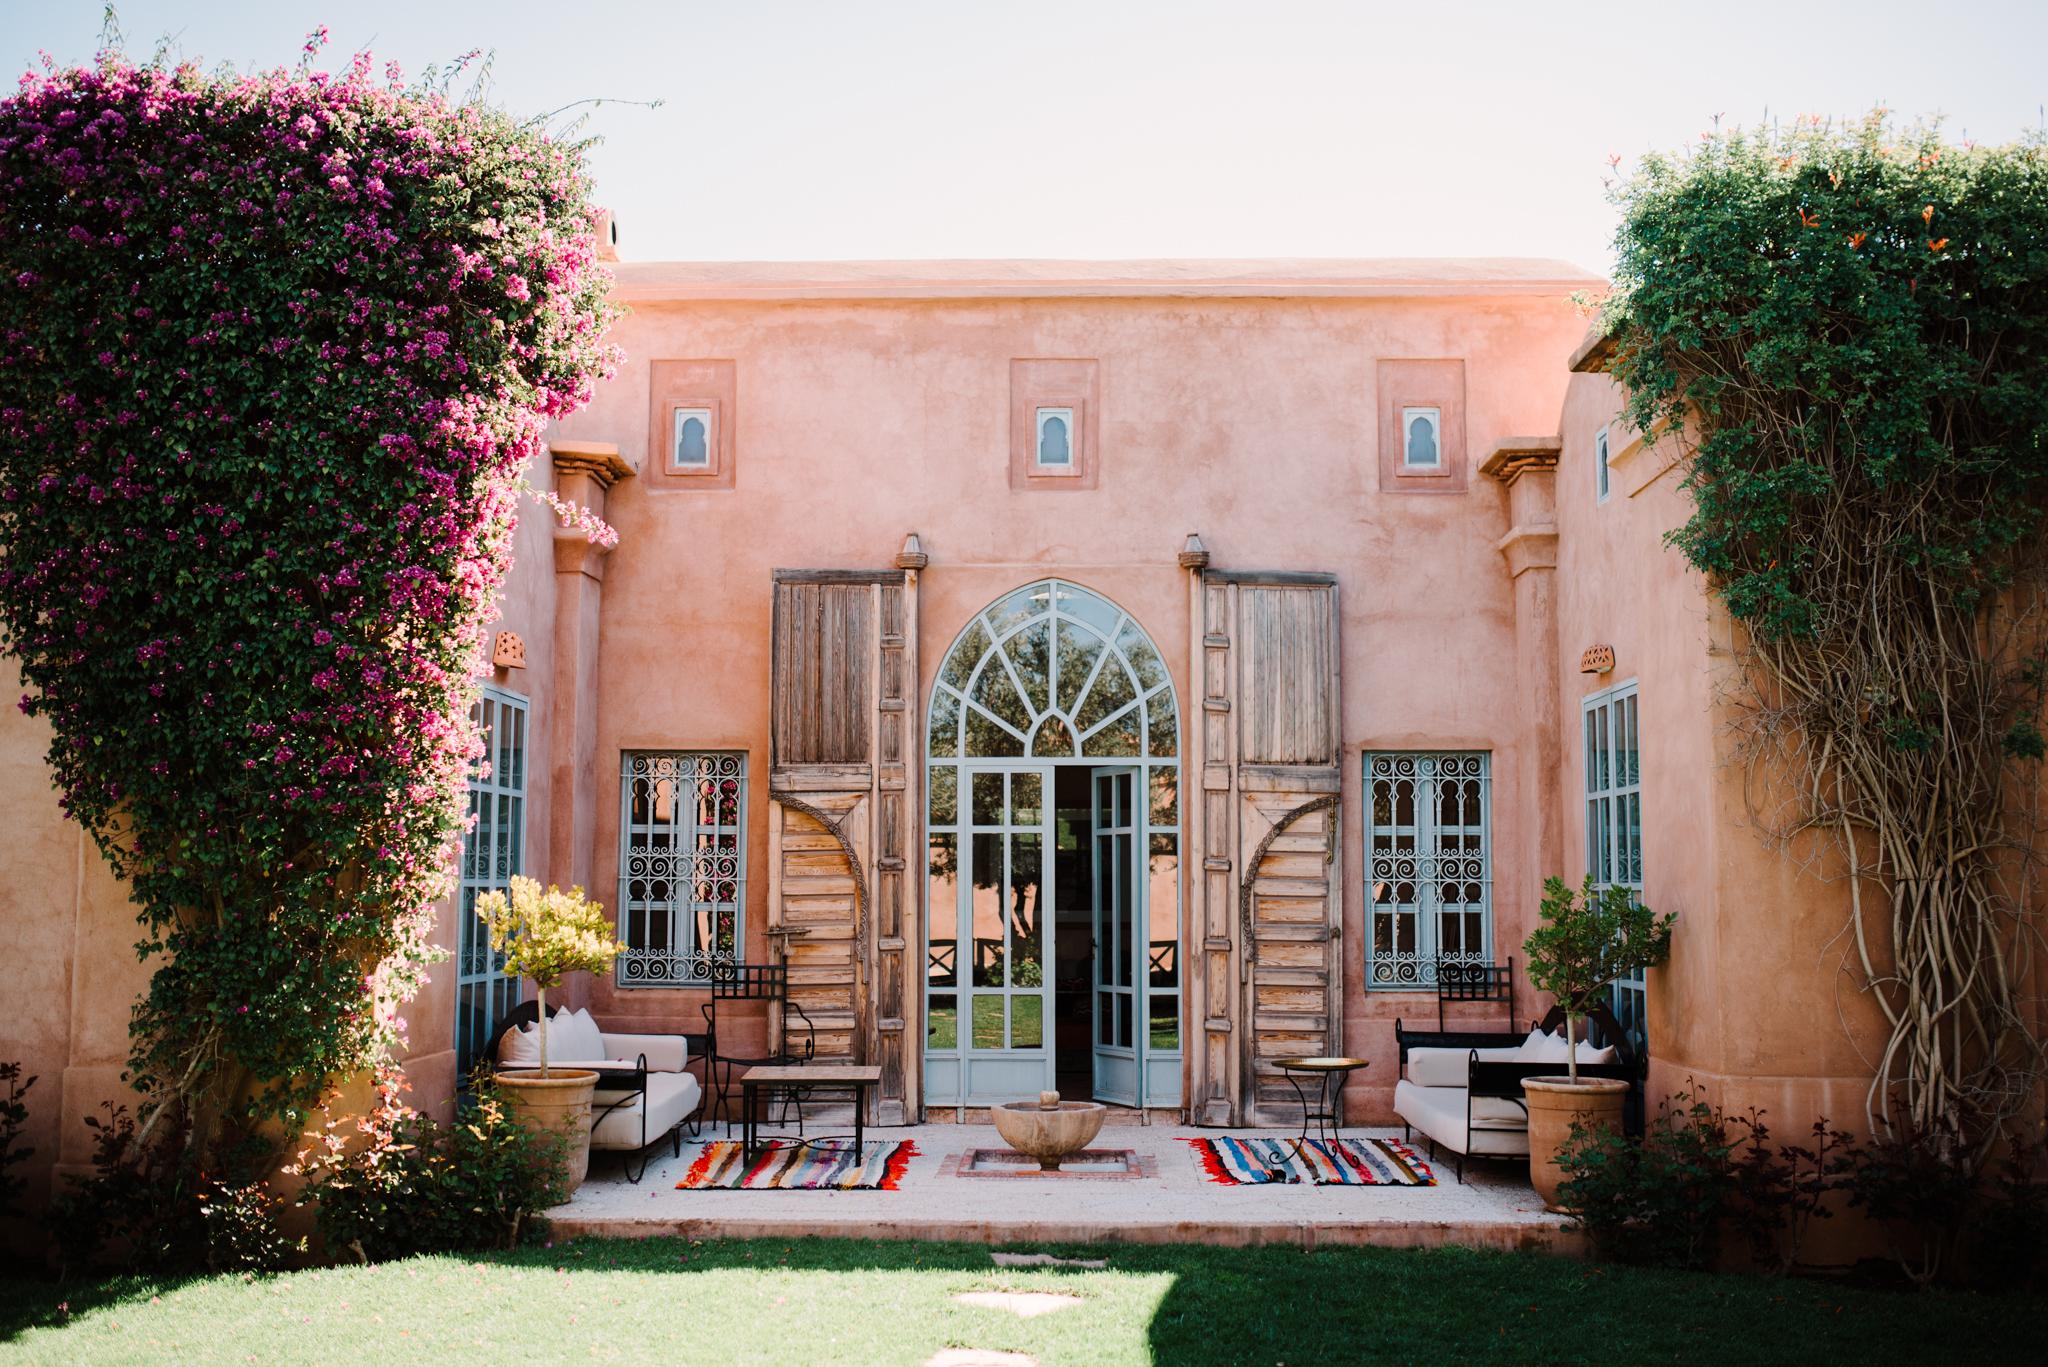 Anoukfotografeert Marokko reis-186